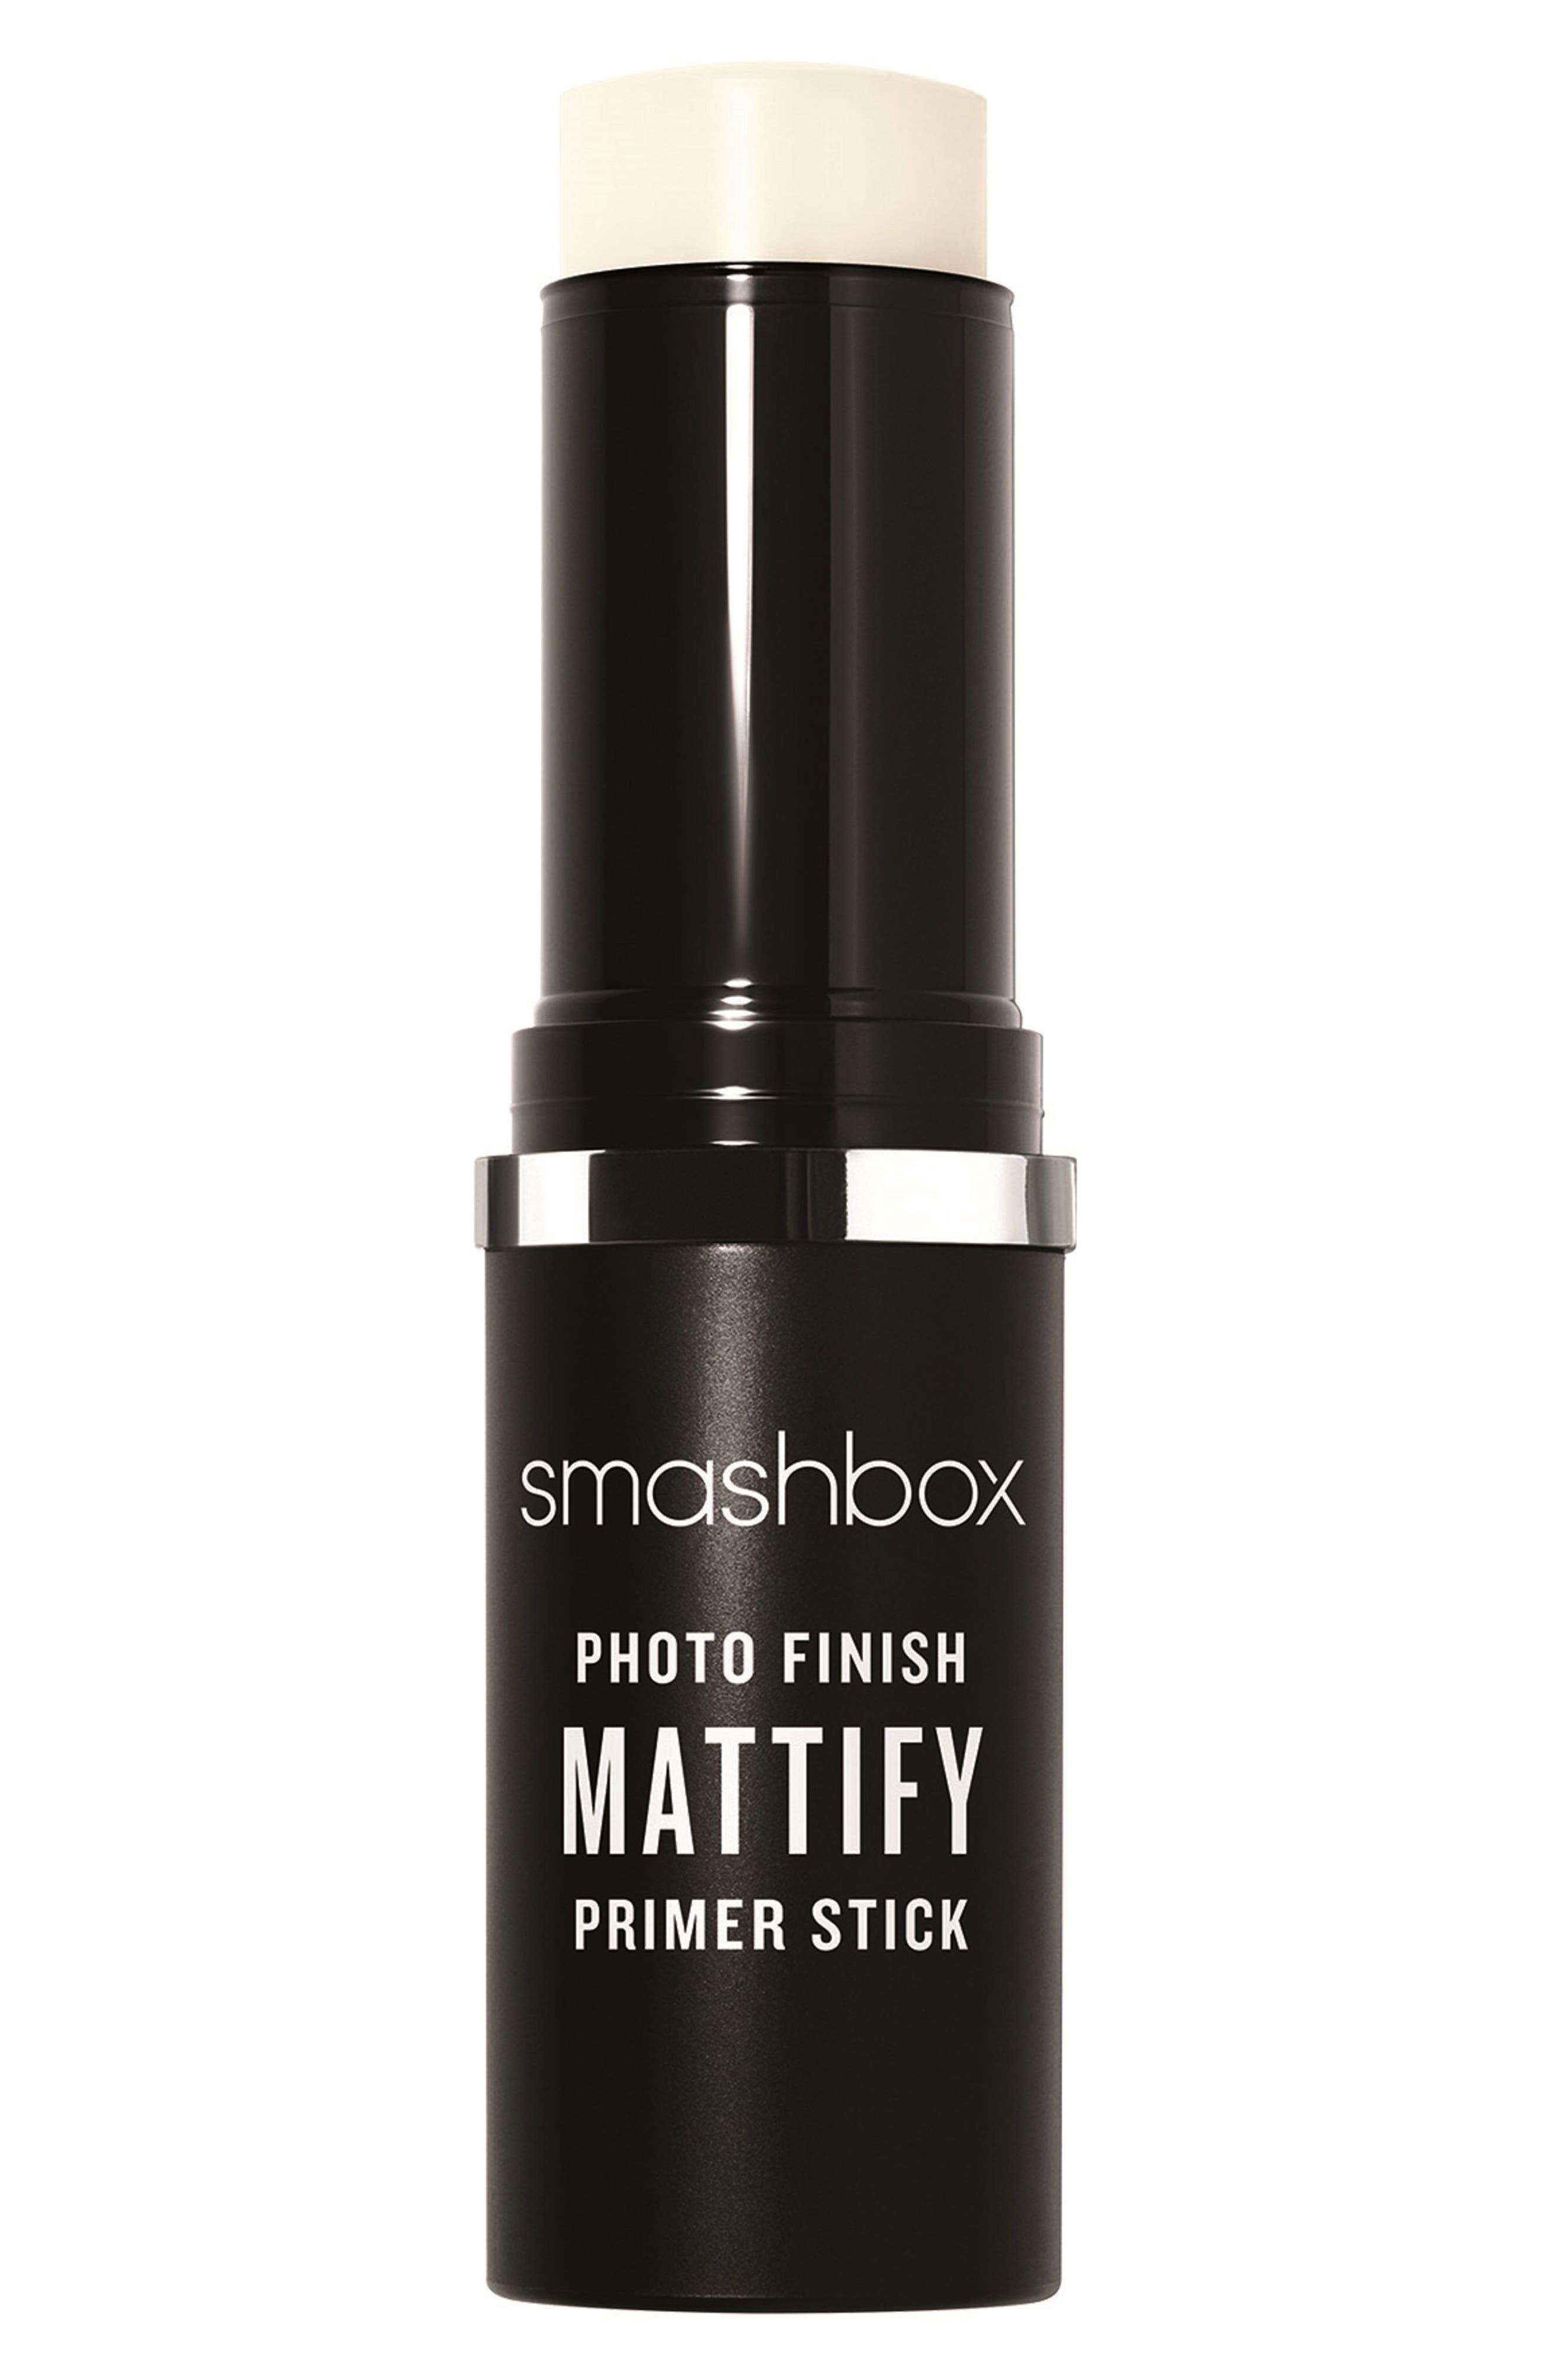 Photo Finish Mattify Primer Stick,                             Main thumbnail 1, color,                             000